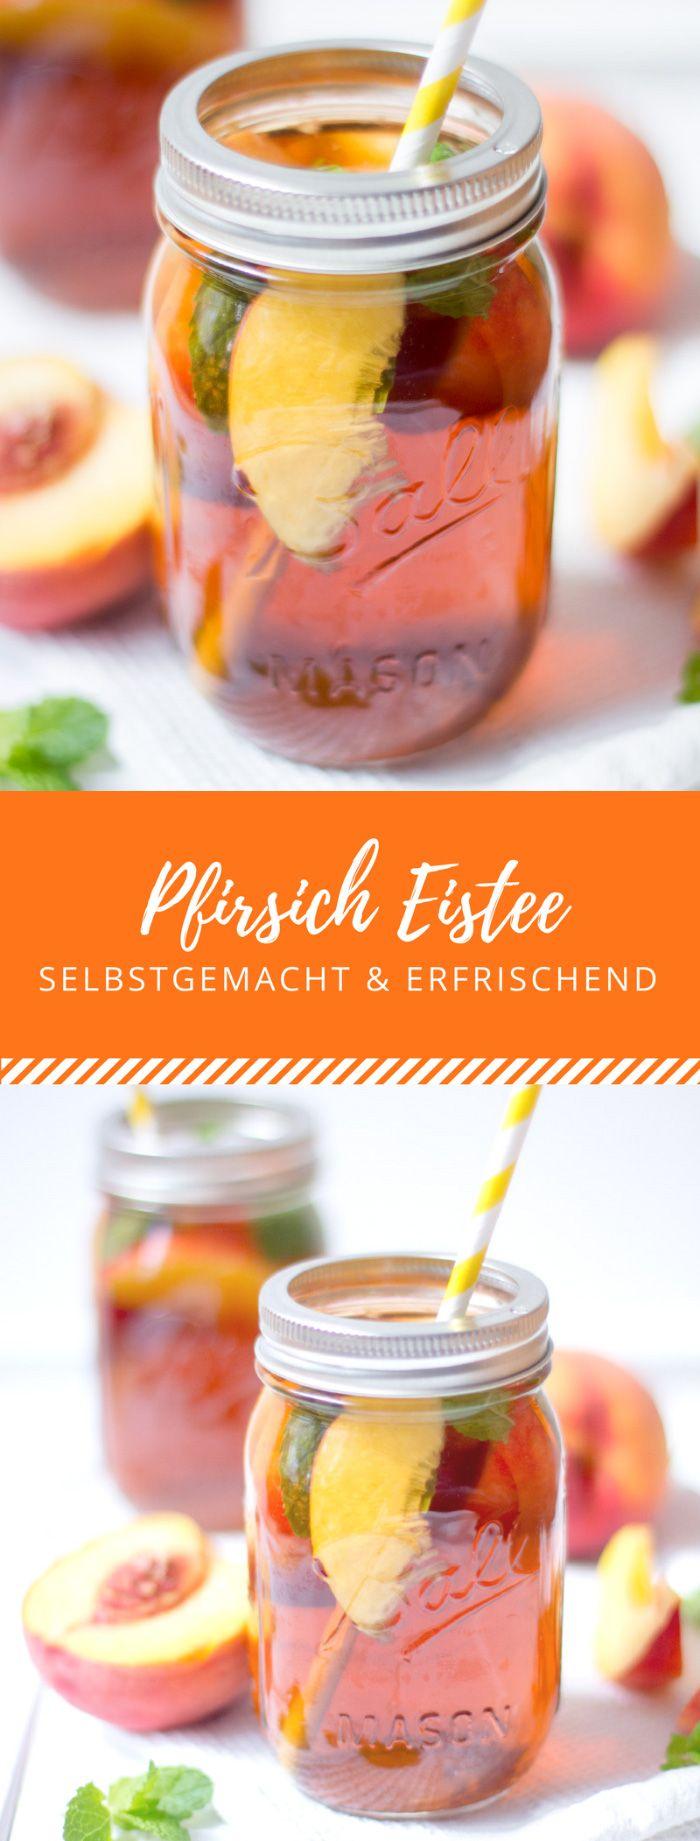 Pfirsich Eistee #fooddiy